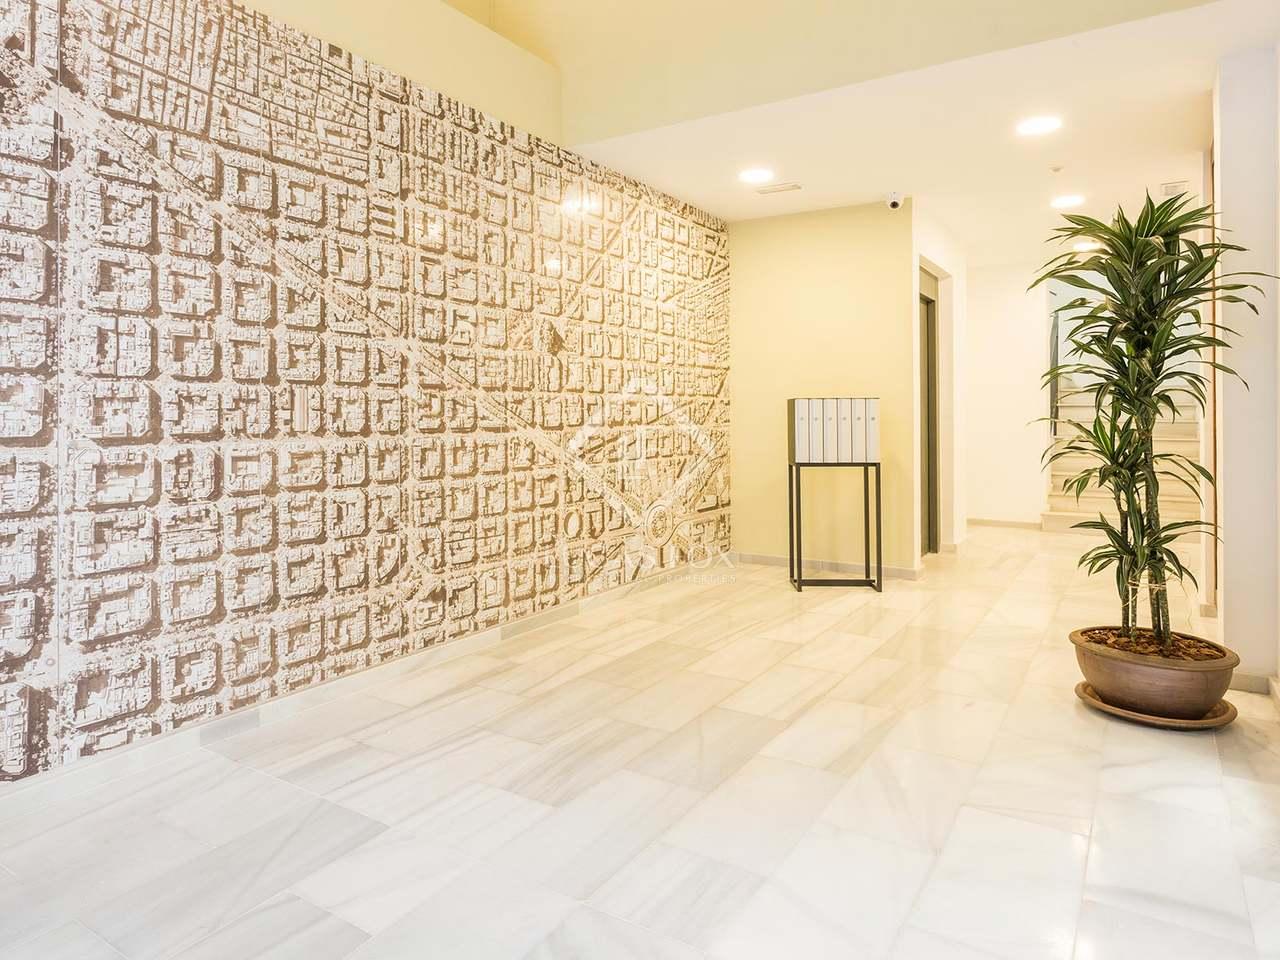 Appartement de 56m a vendre eixample gauche barcelone - Appartements a vendre a barcelone ...